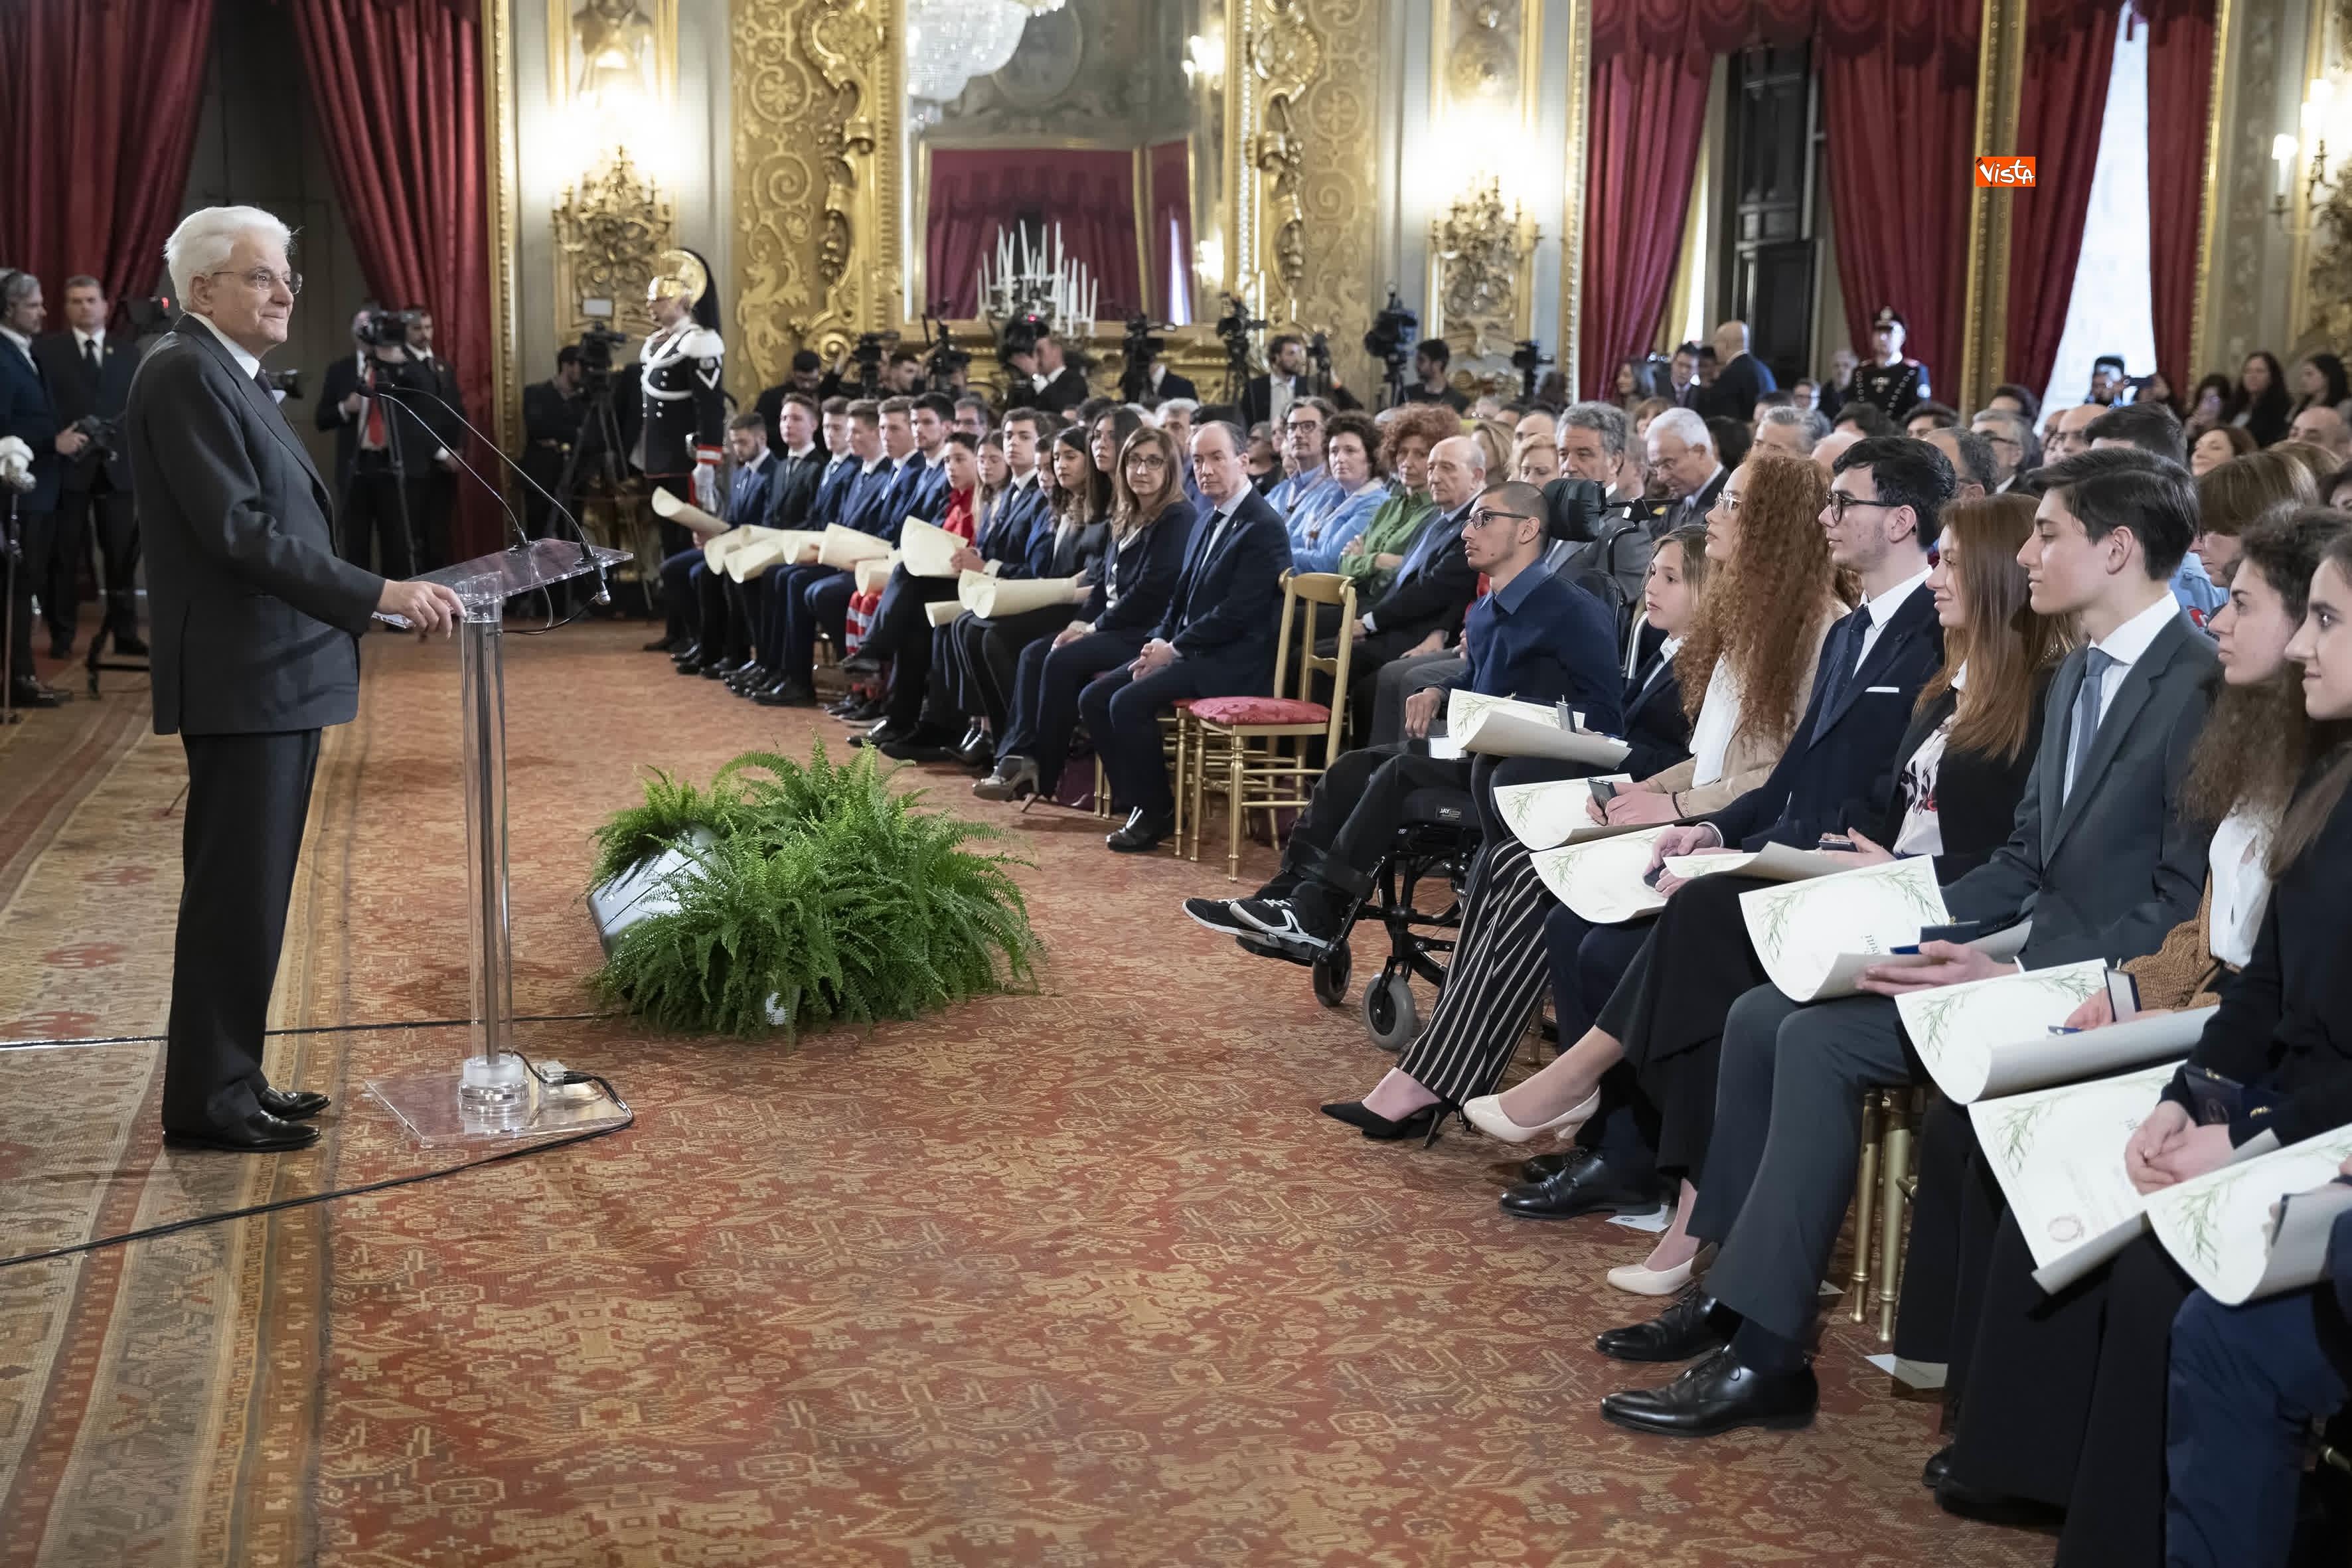 13-03-19 Mattarella consegna gli Attestati d Onore ai nuovi Alfieri della Repubblica, le immagini_28